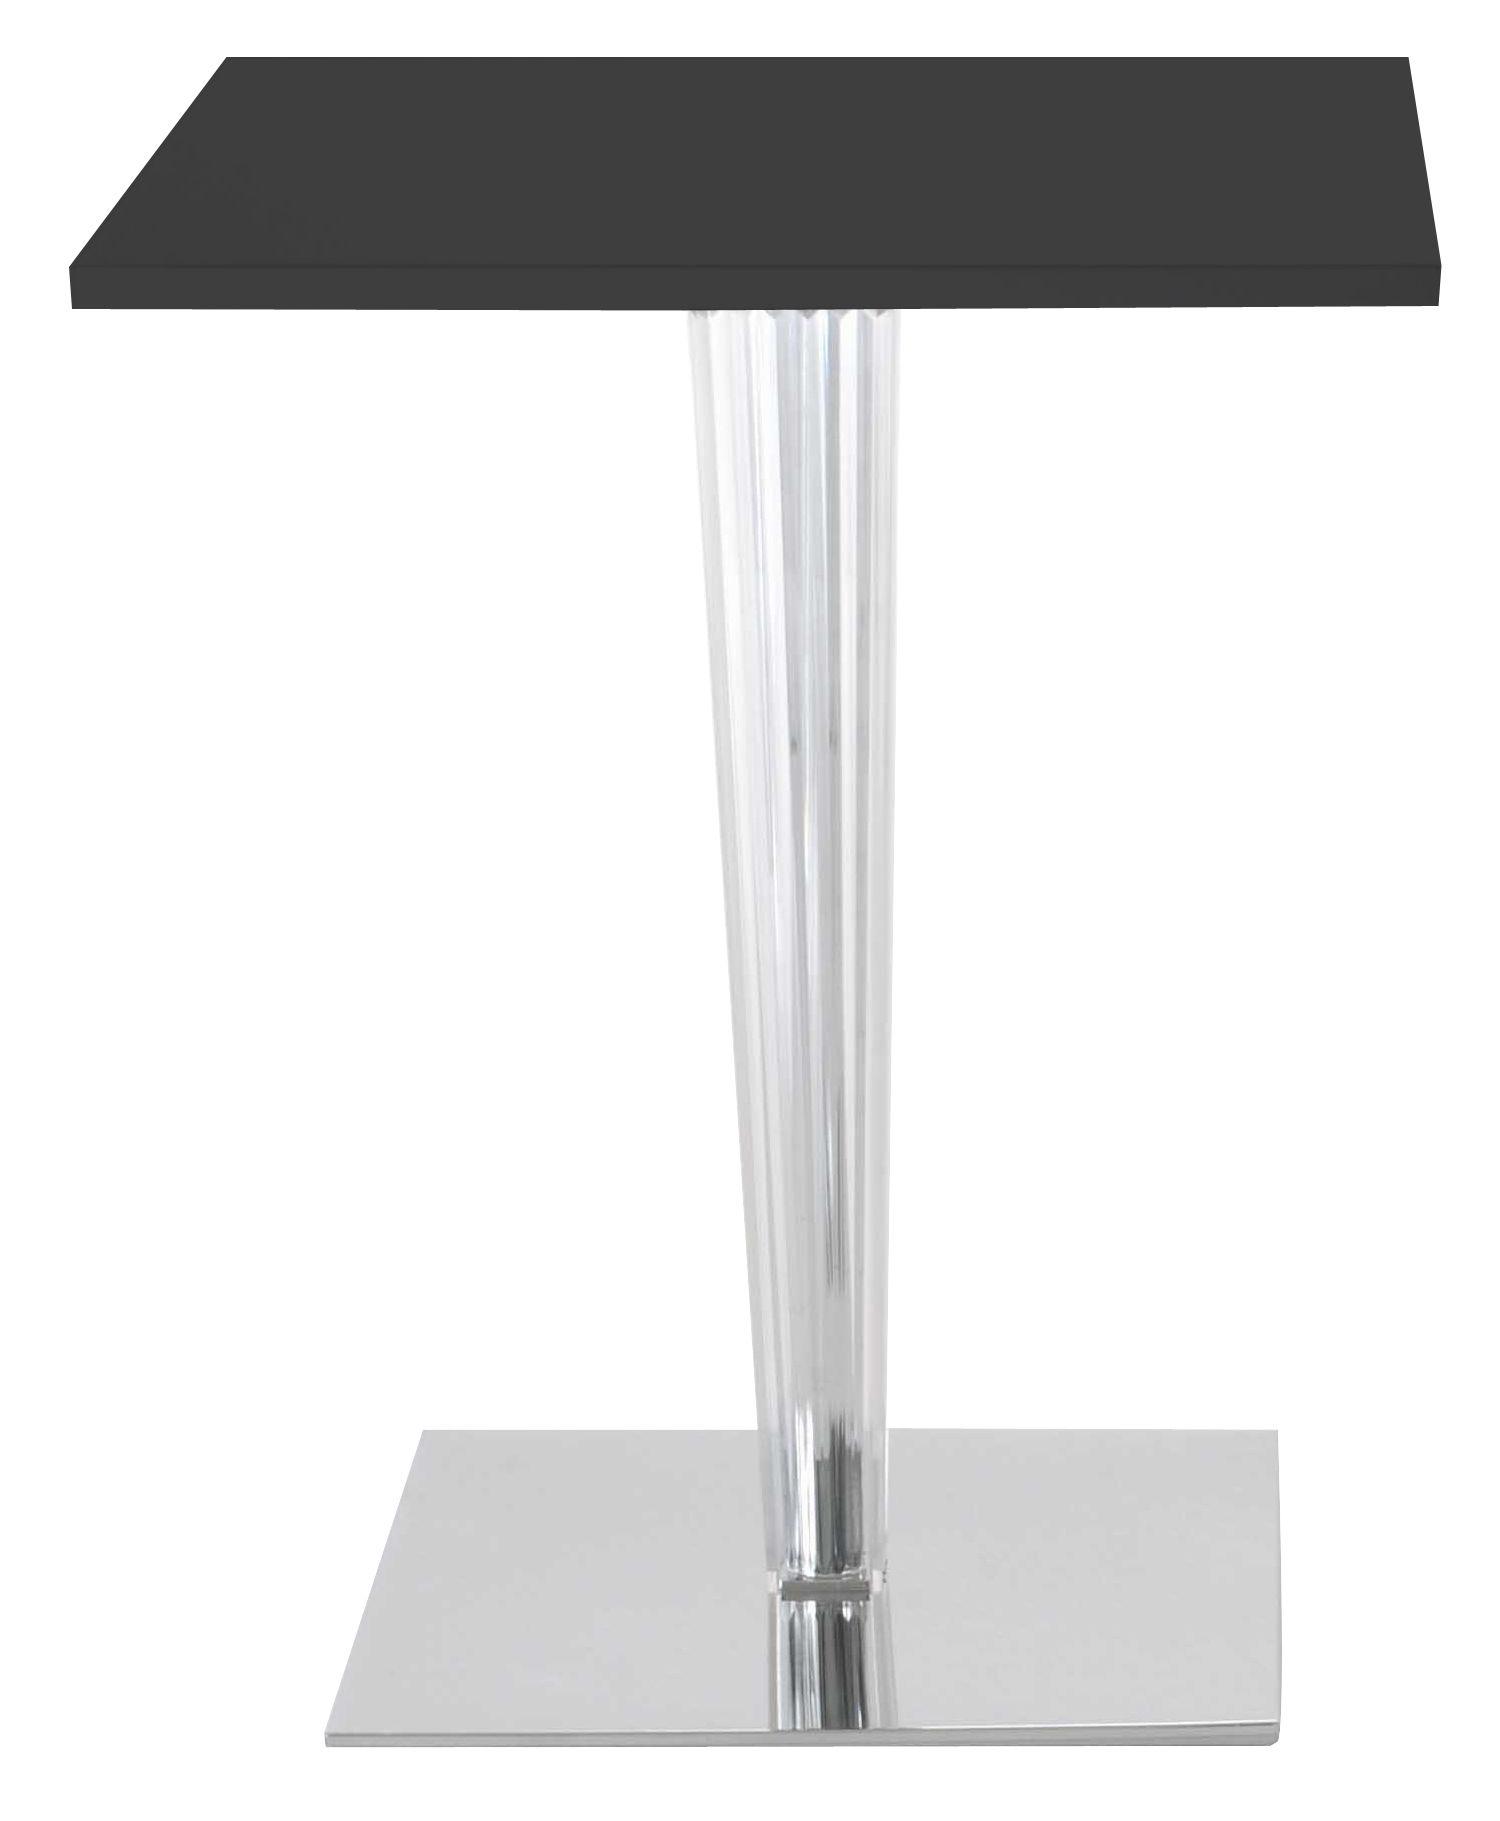 Arredamento - Tavoli - Tavolo quadrato Top Top - Piano laminato quadrato di Kartell - Nero / piede quadrato - alluminio verniciato, Laminato, PMMA